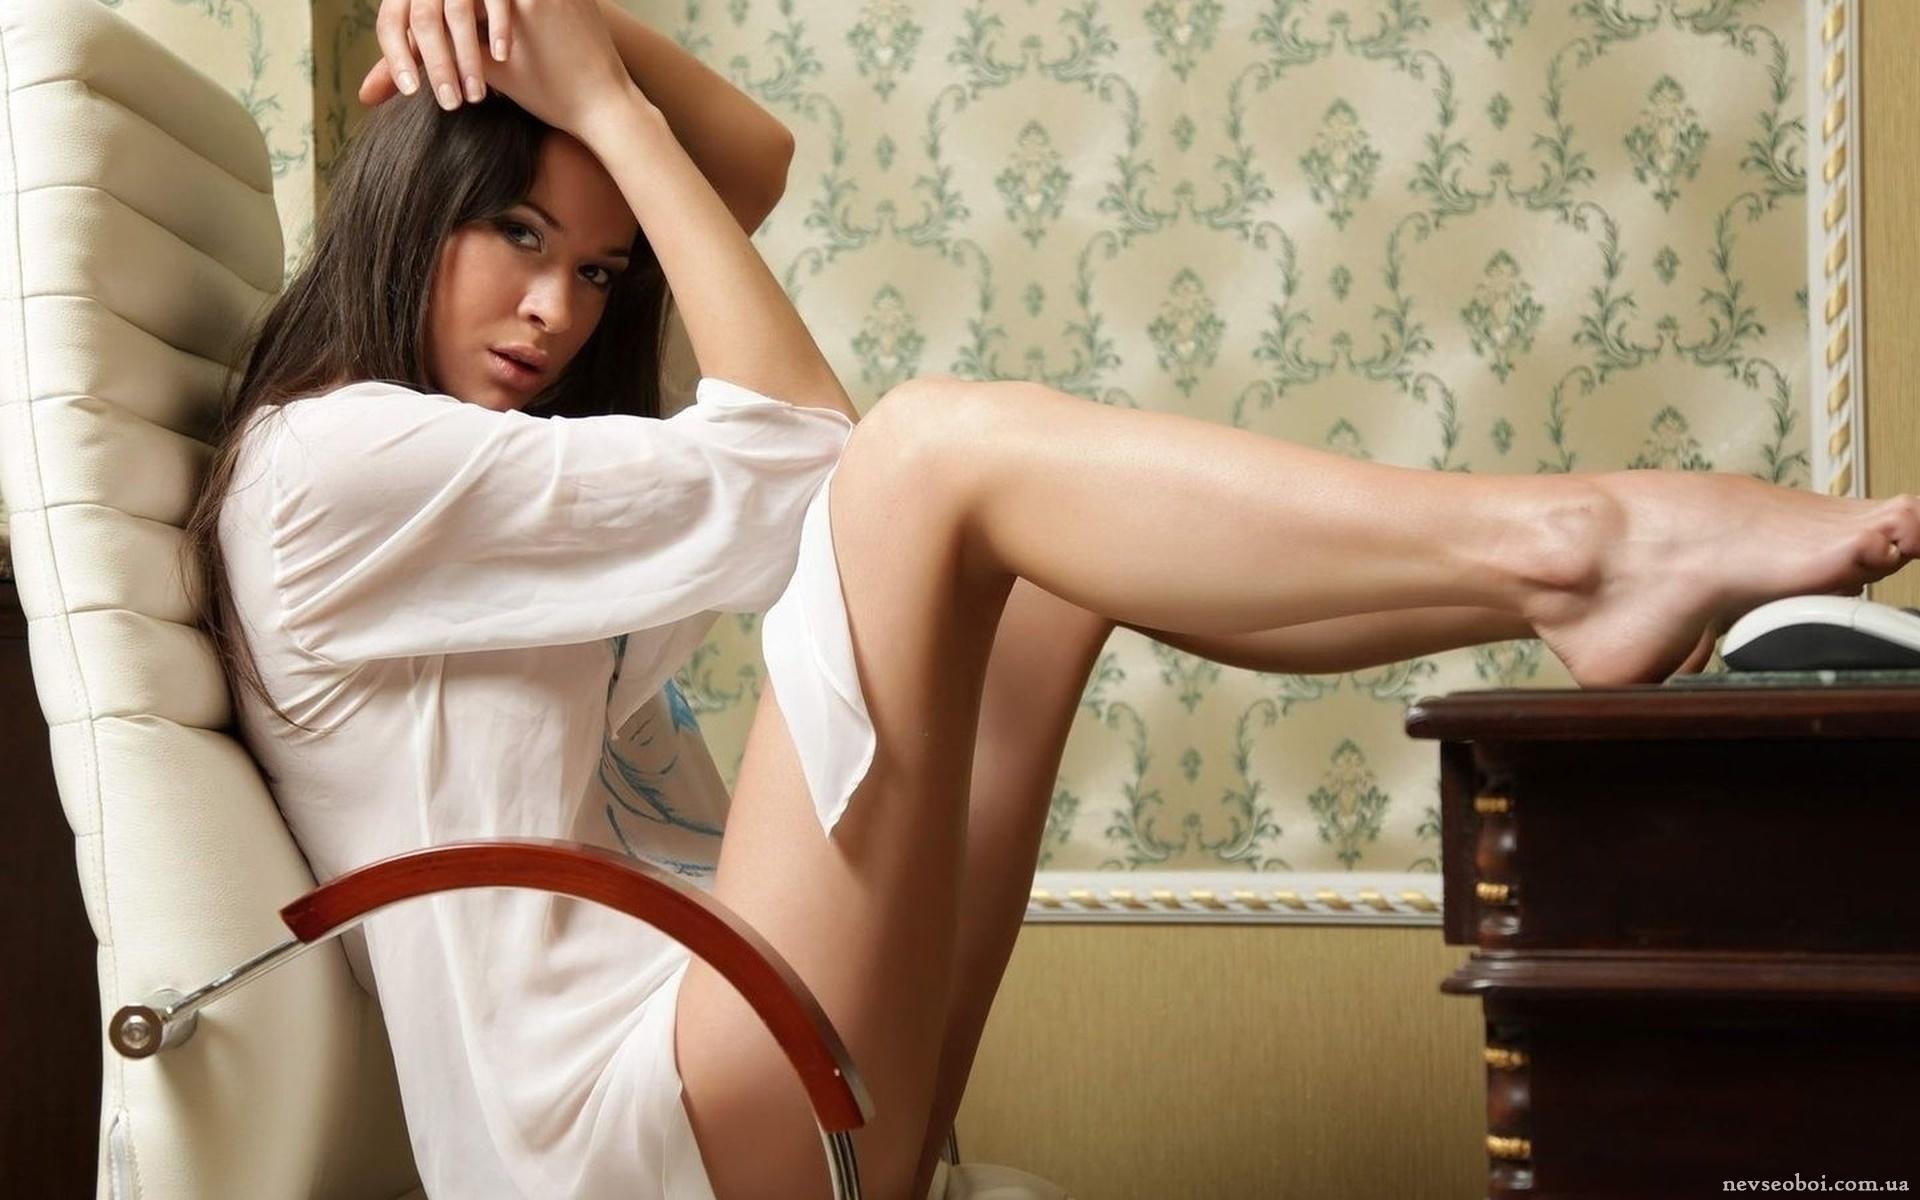 Фото молоденькая раздвинула ноги 7 фотография